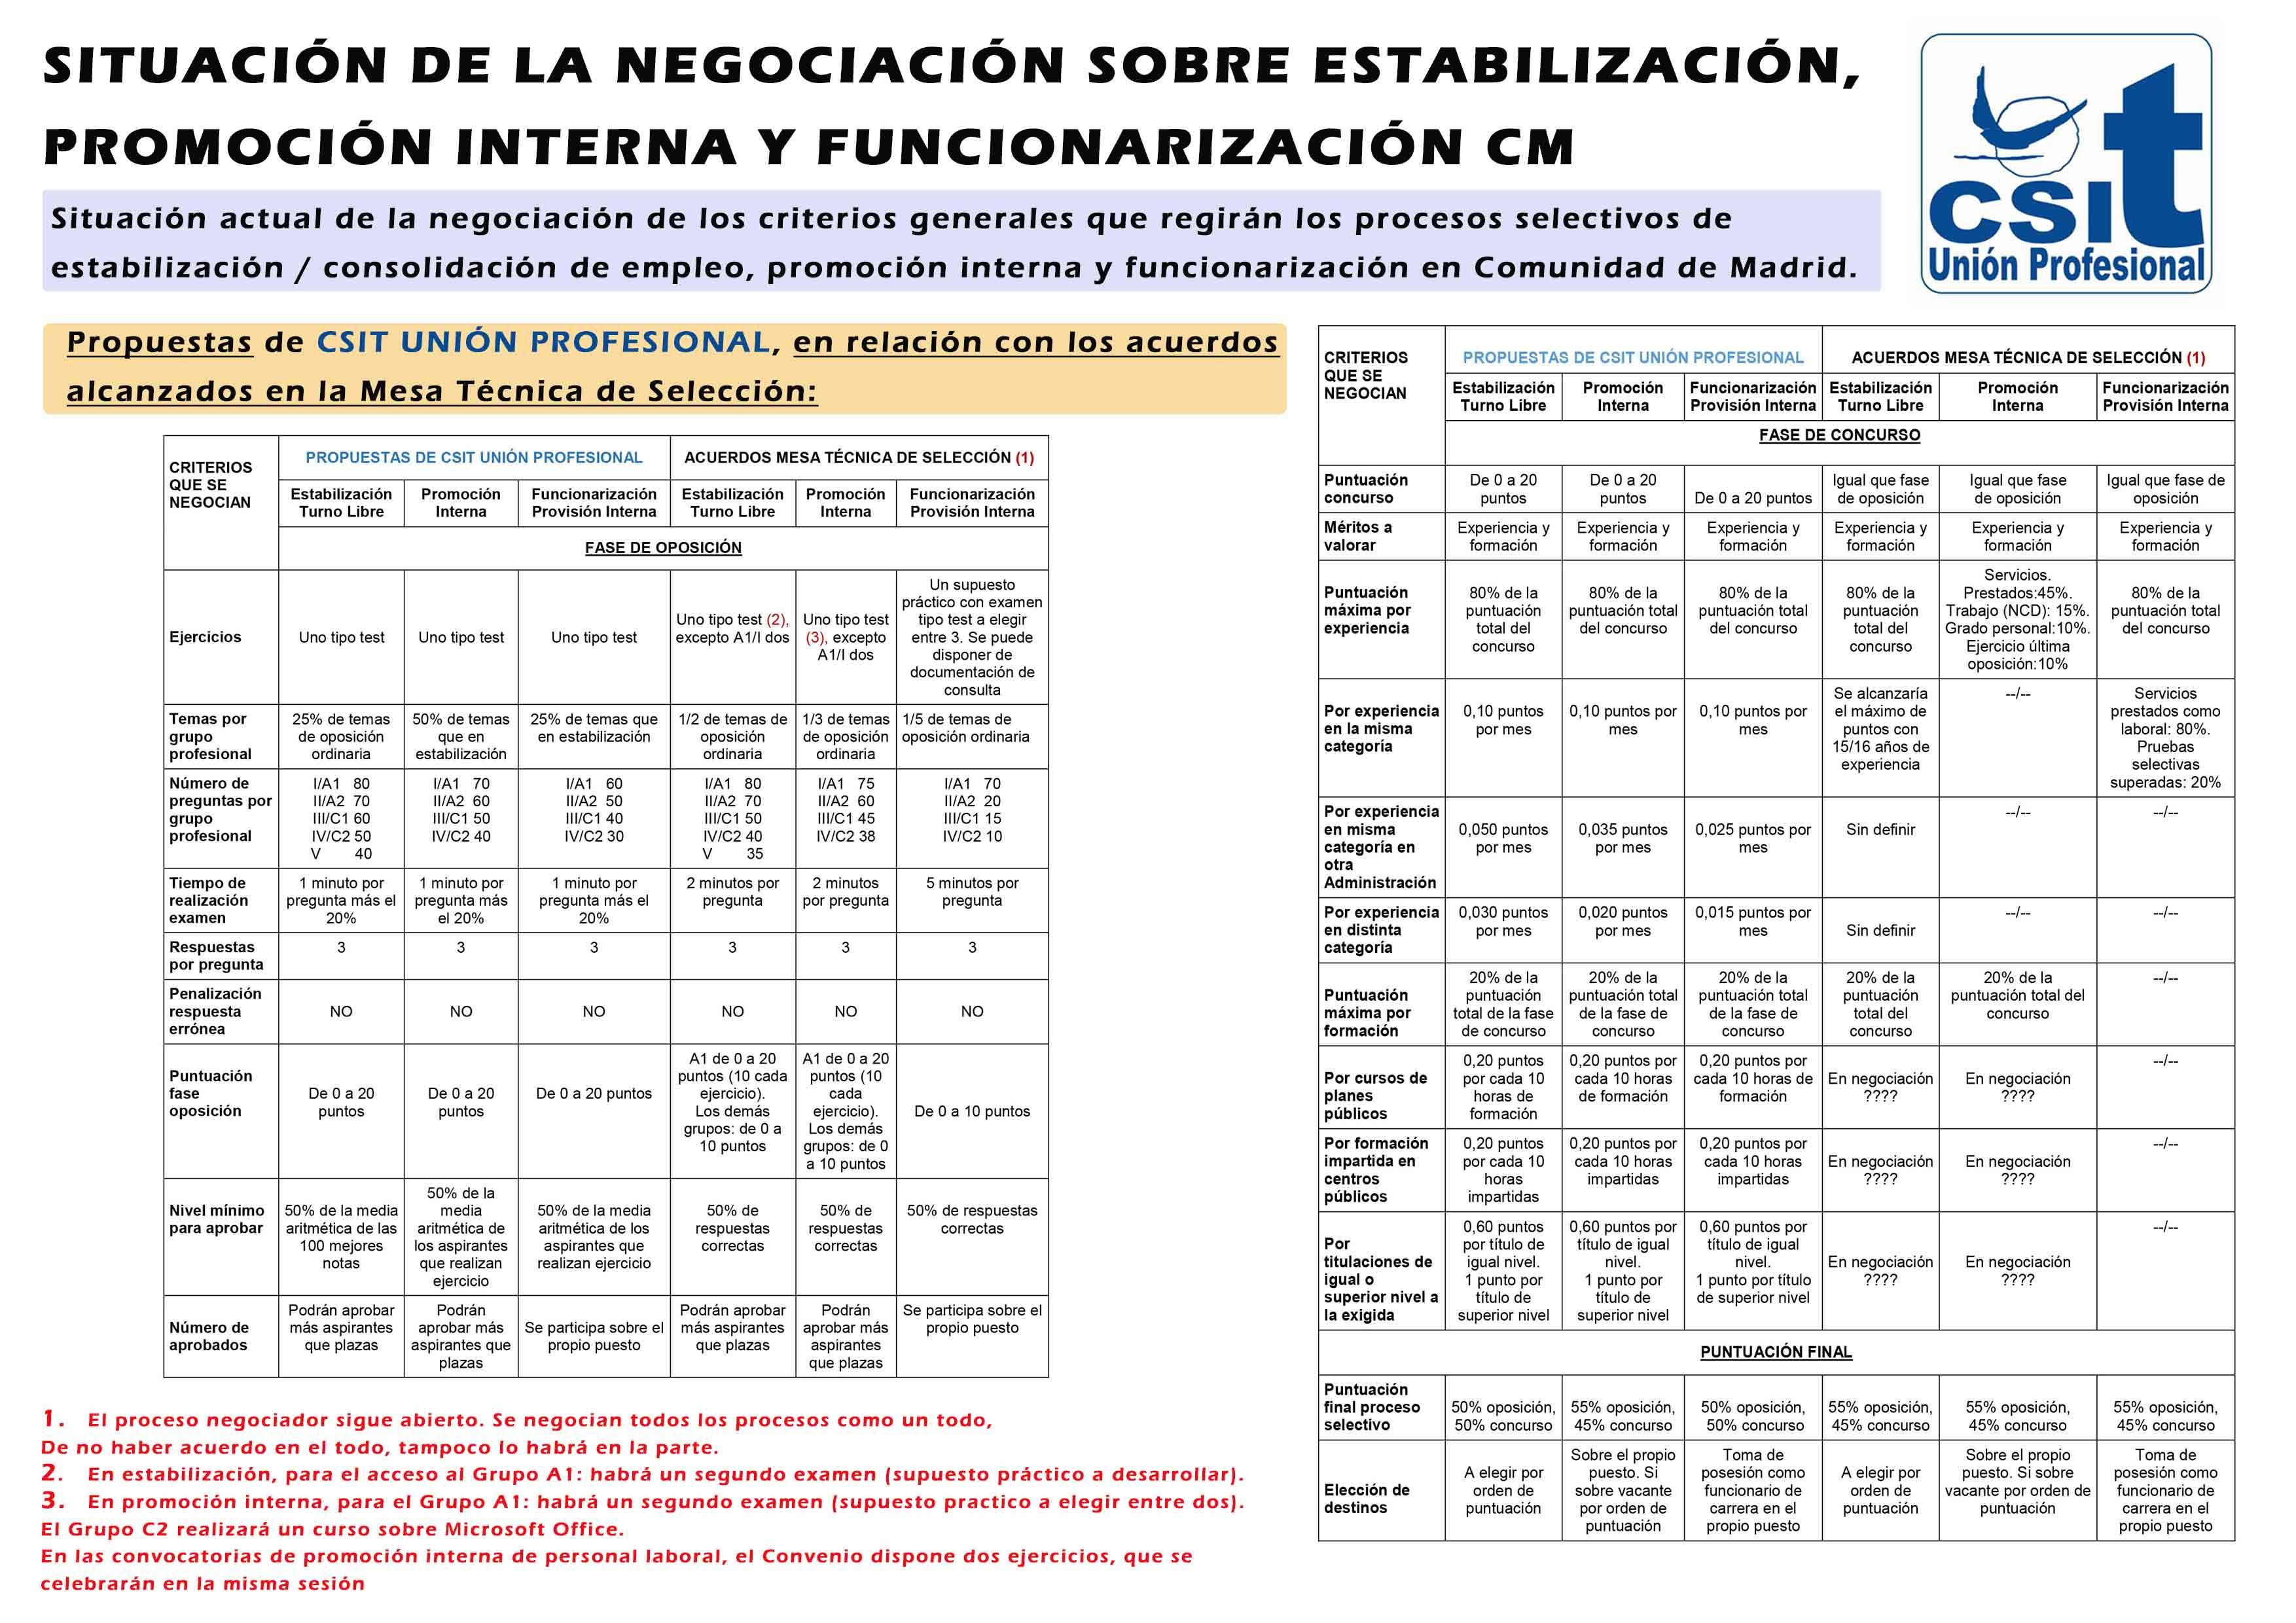 Situación de la negociación sobre estabilización, promoción interna y funcionarización